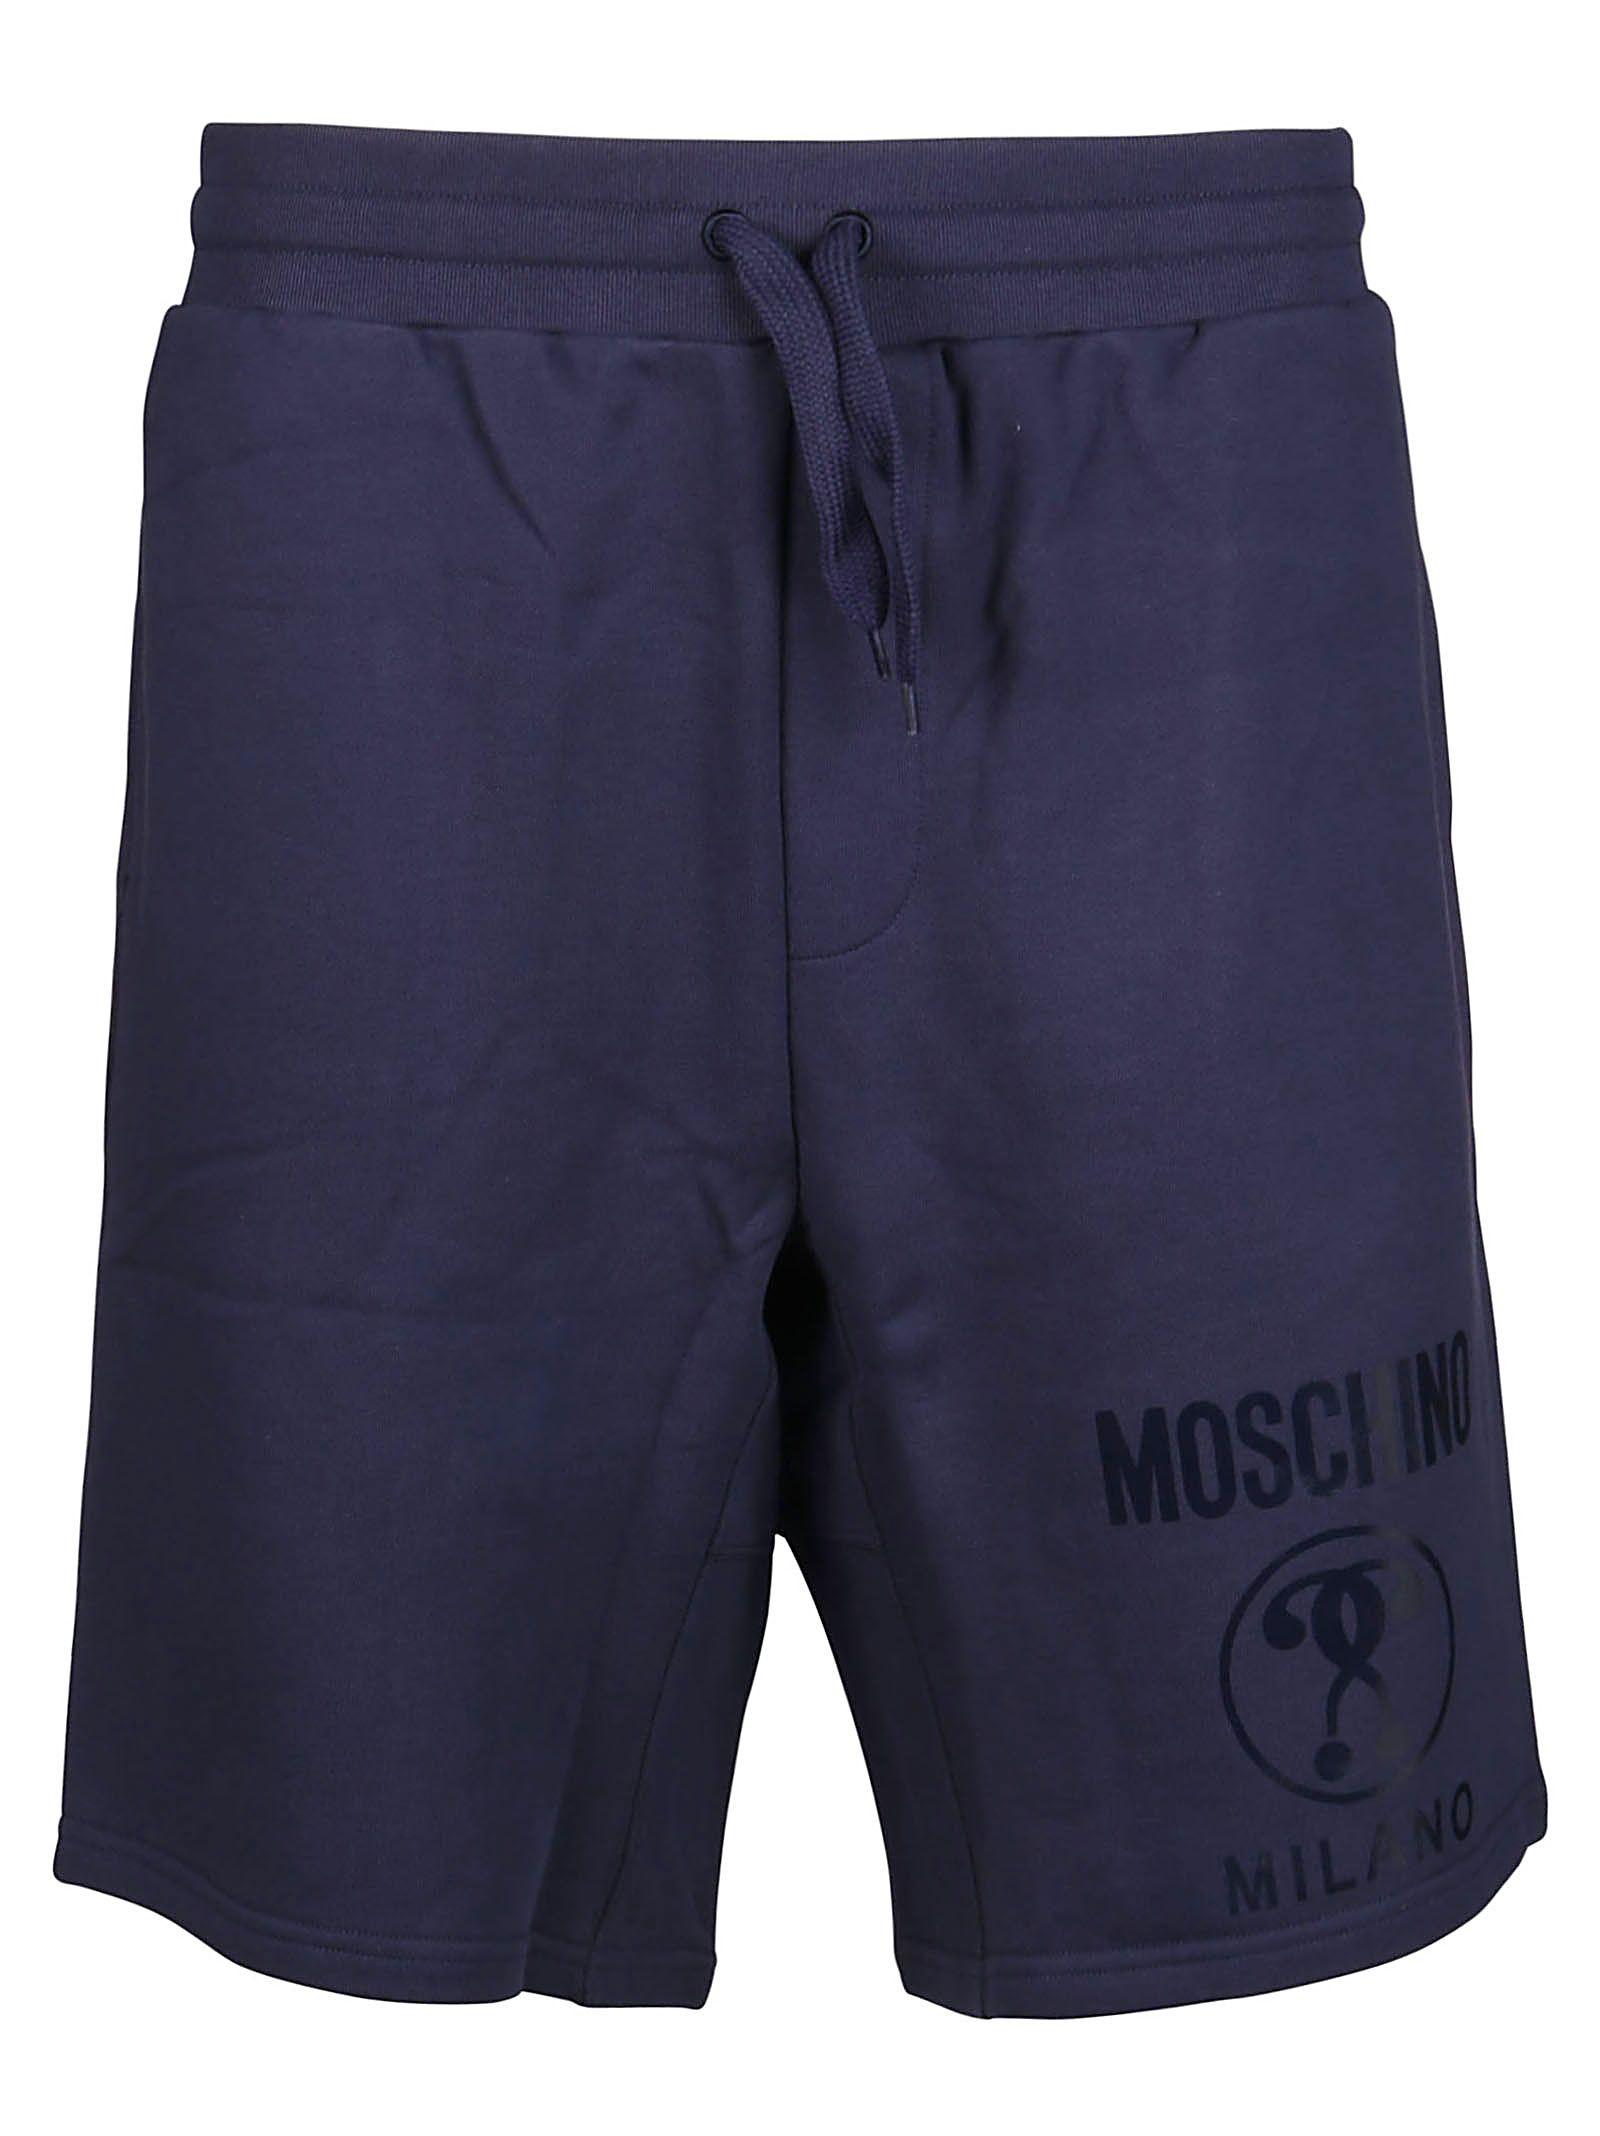 Moschino MOSCHINO MEN'S BLUE COTTON SHORTS